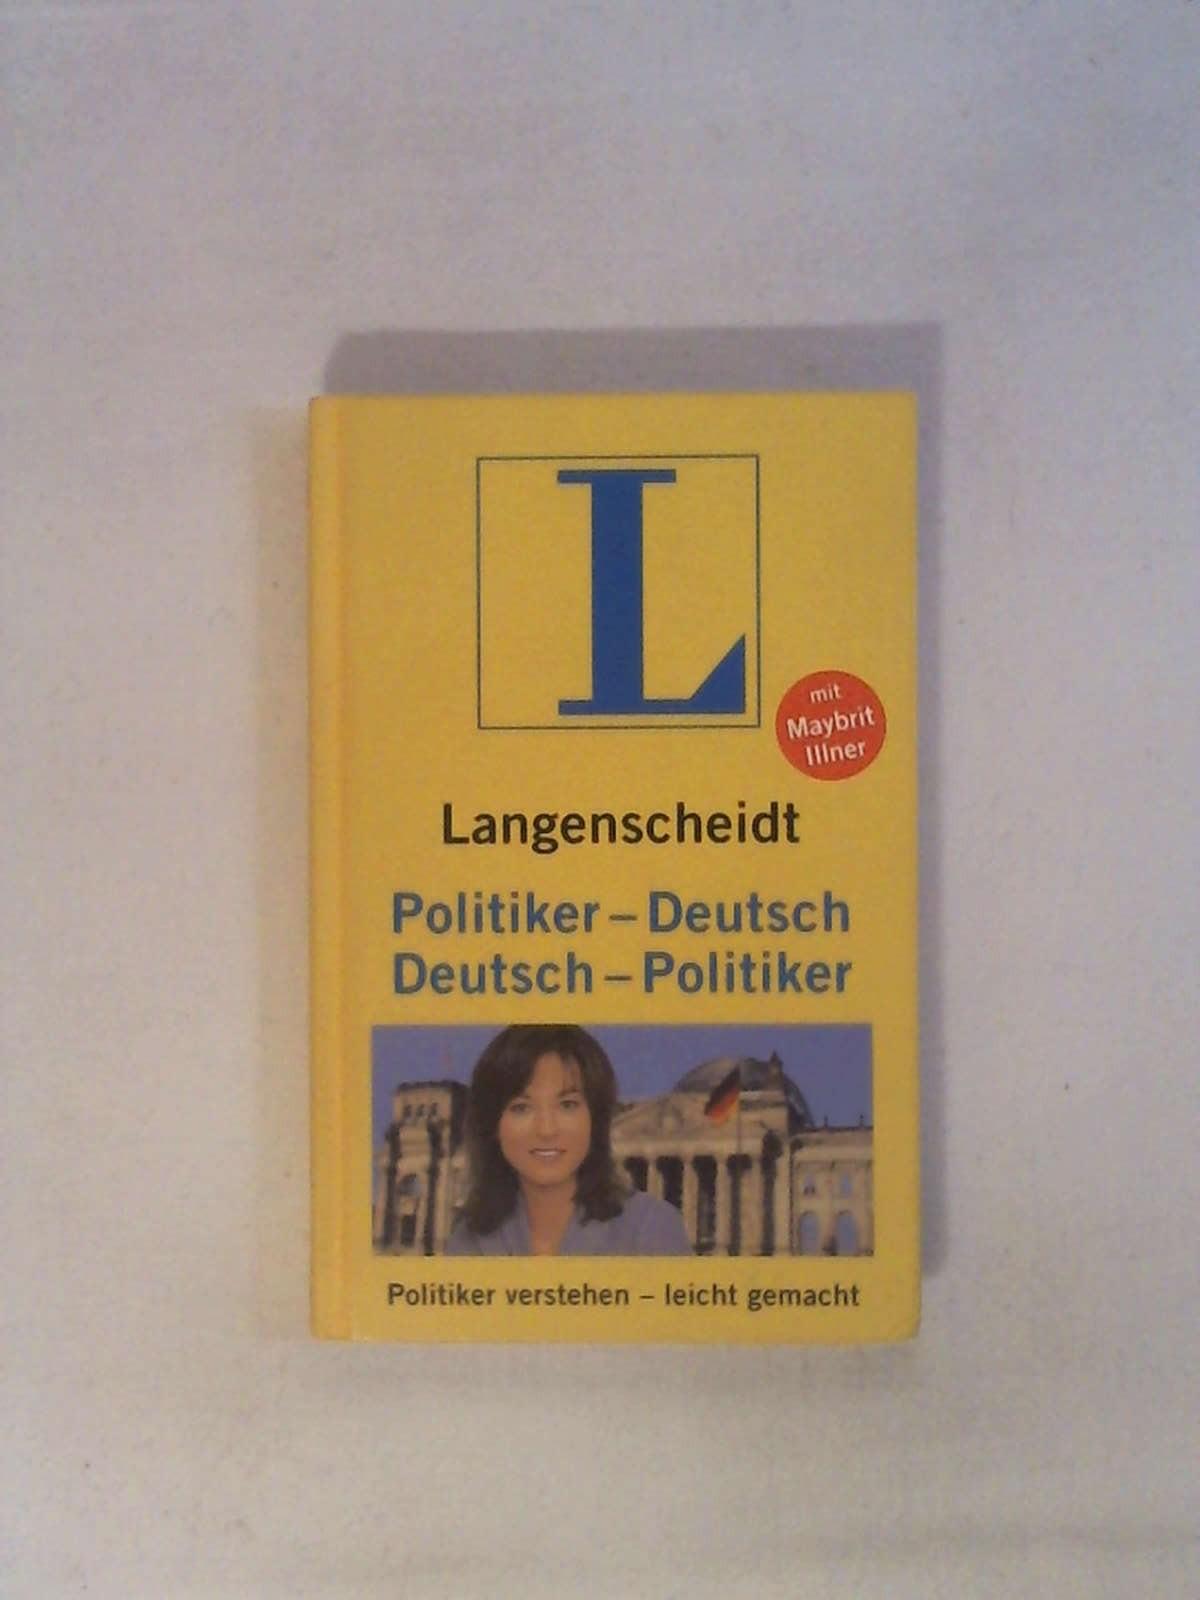 Langenscheidt Politiker-Deutsch/Deutsch-Politiker: Politiker verstehen - leicht gemacht - Maybrit Illner